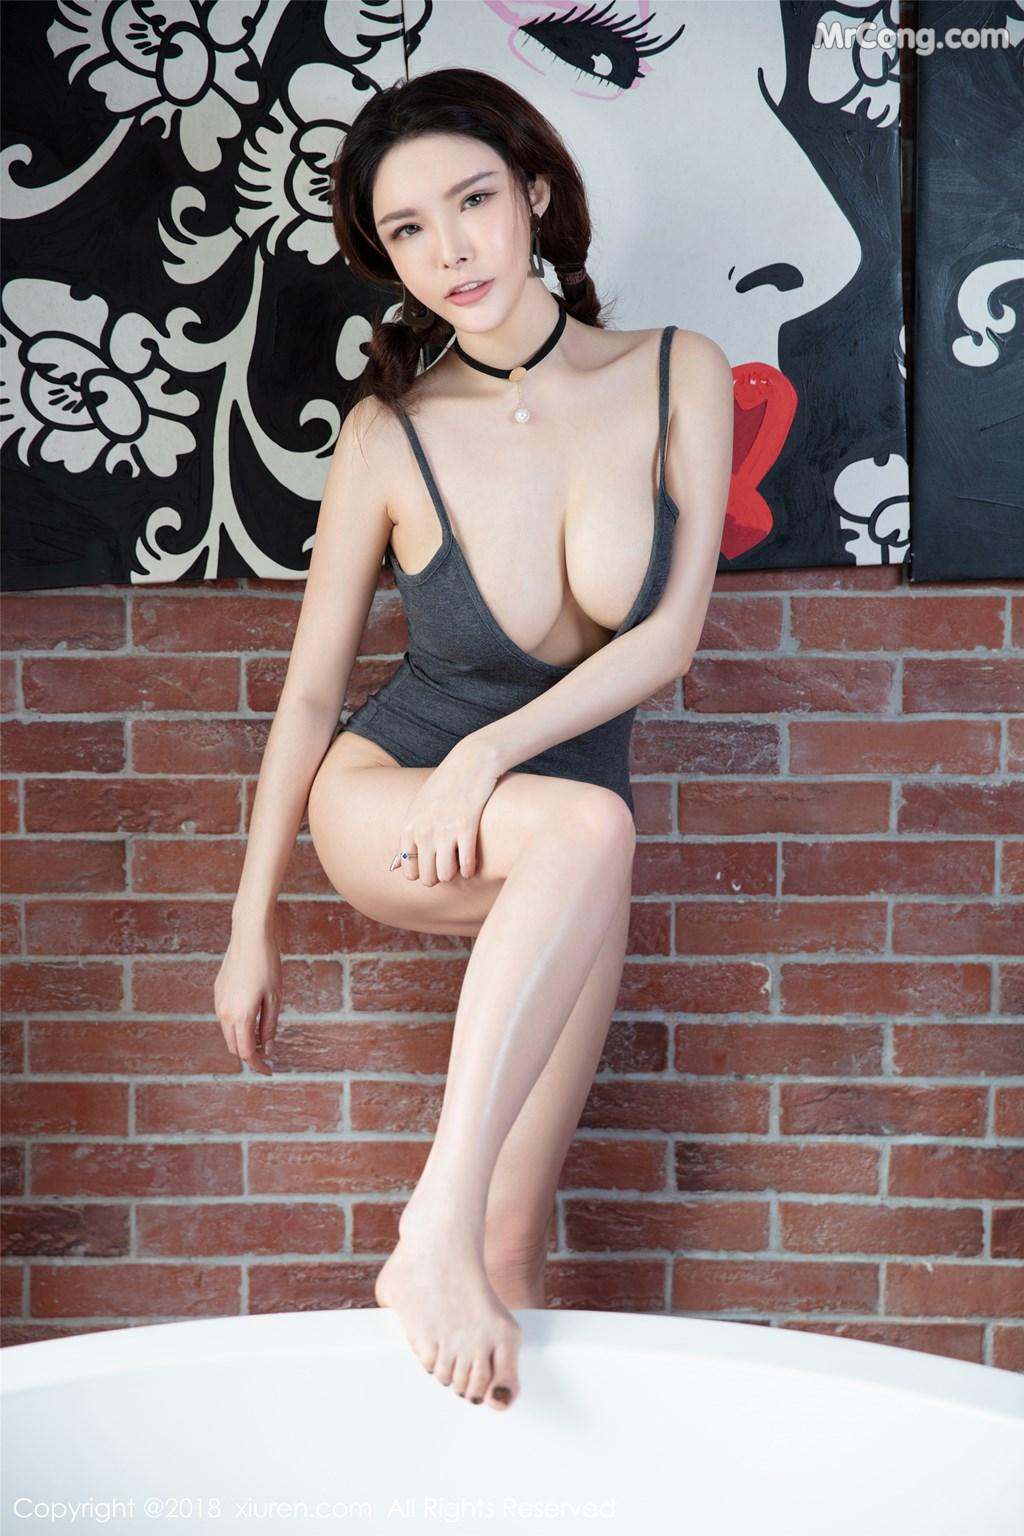 Image XIUREN-No.1140-Xia-Xiao-Qiu-Qiu-Qiu-MrCong.com-008 in post XIUREN No.1140: Người mẫu Xia Xiao Qiu Qiu Qiu (夏小秋秋秋) (56 ảnh)